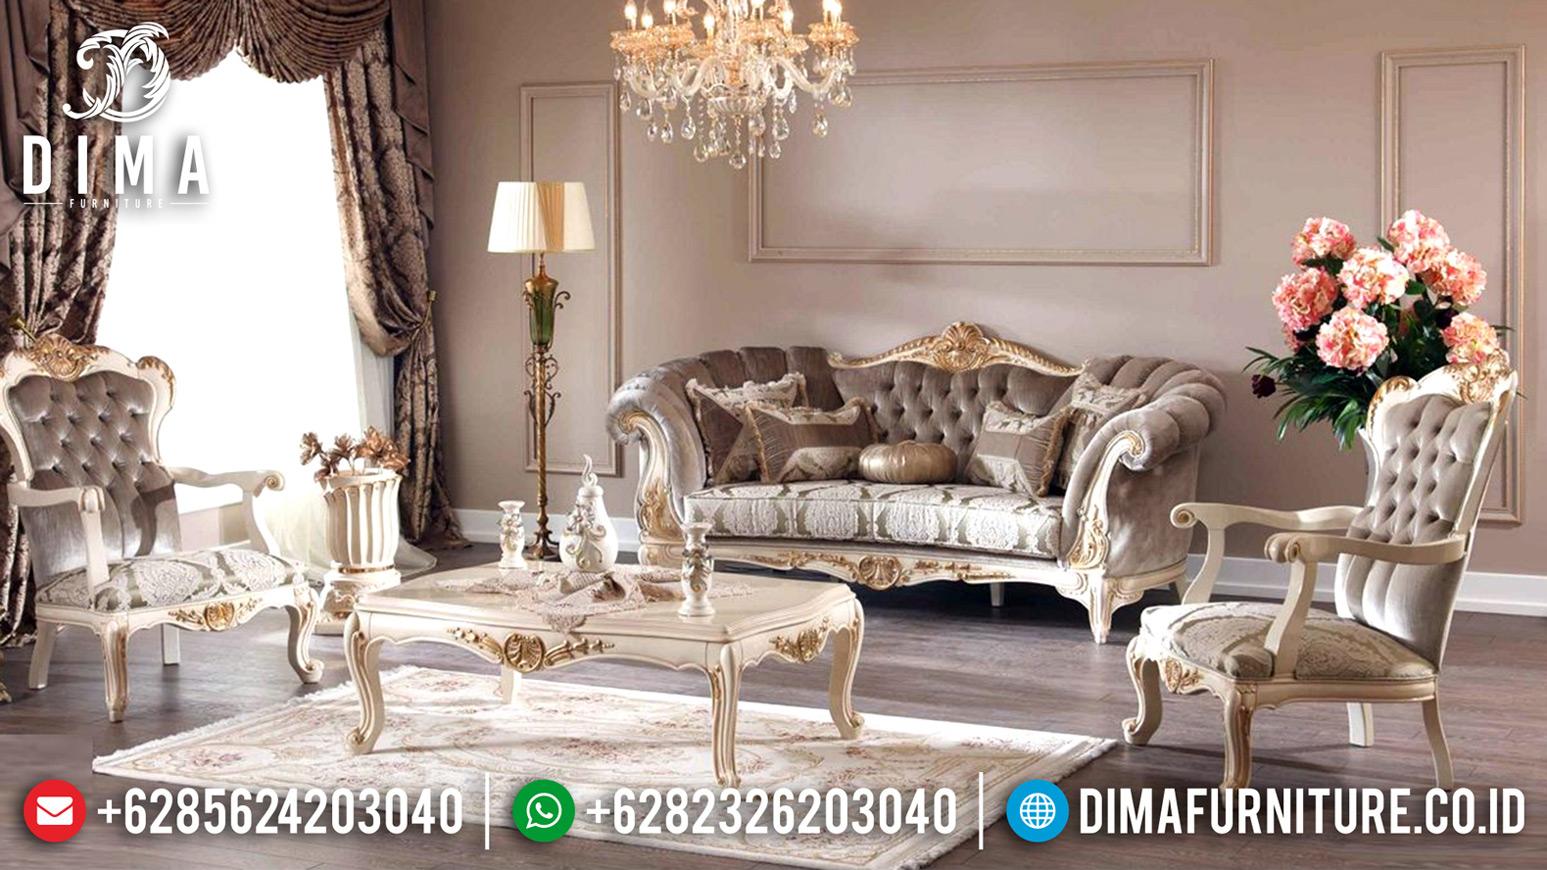 Set Sofa Tamu Mewah Persian Kingdom Turkish Style Luxury Carving Furniture Jepara BT-0652